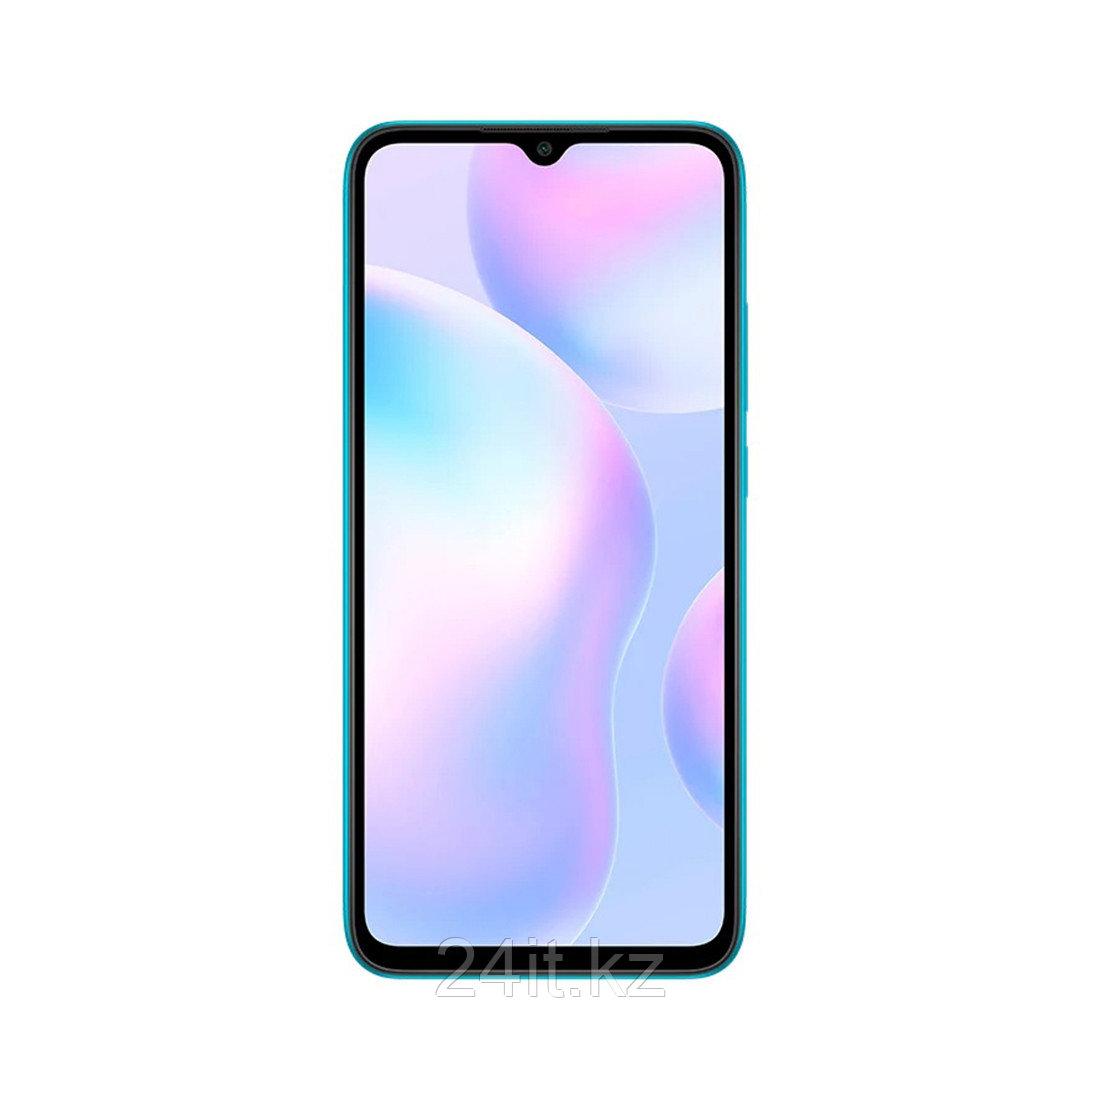 Мобильный телефон Xiaomi Redmi 9A 32GB Peacock Green - фото 1